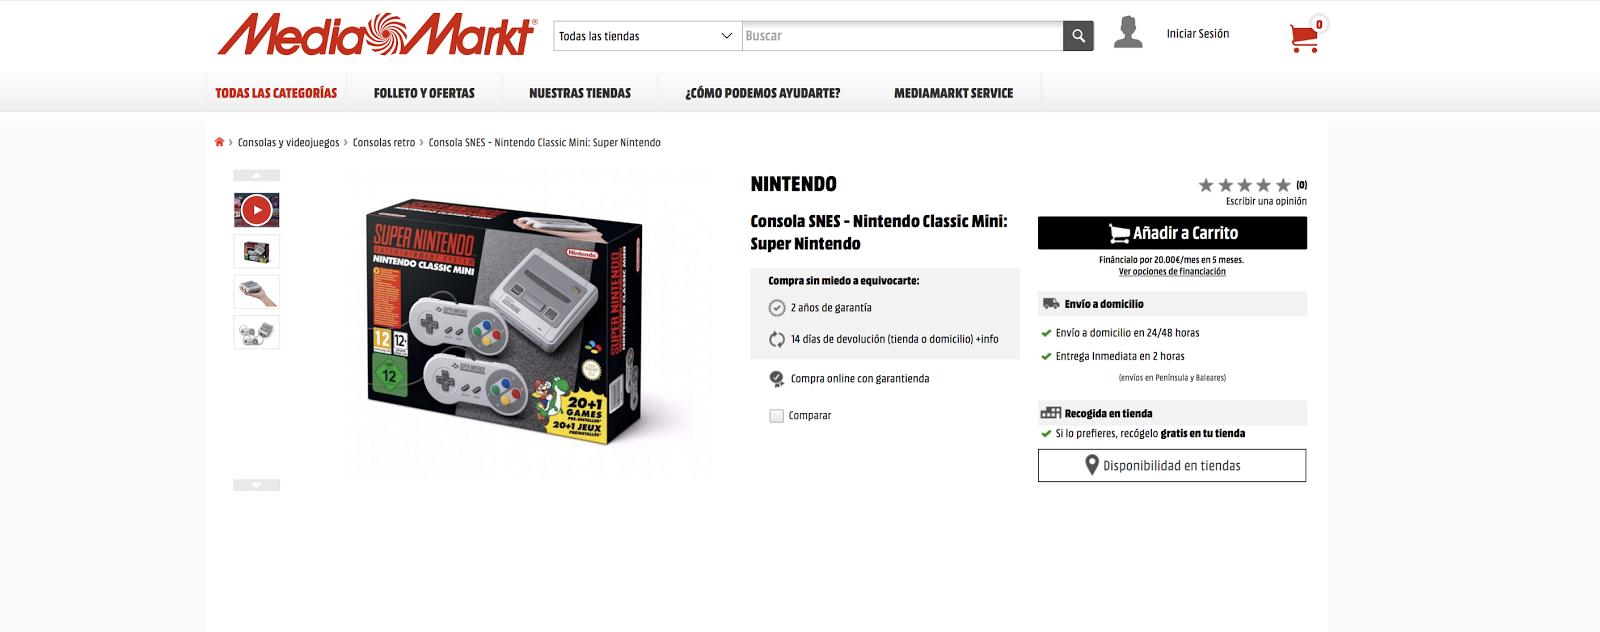 Super NES Mini ha llegado, ¡y hay stock en algunos sitios!, cómprala